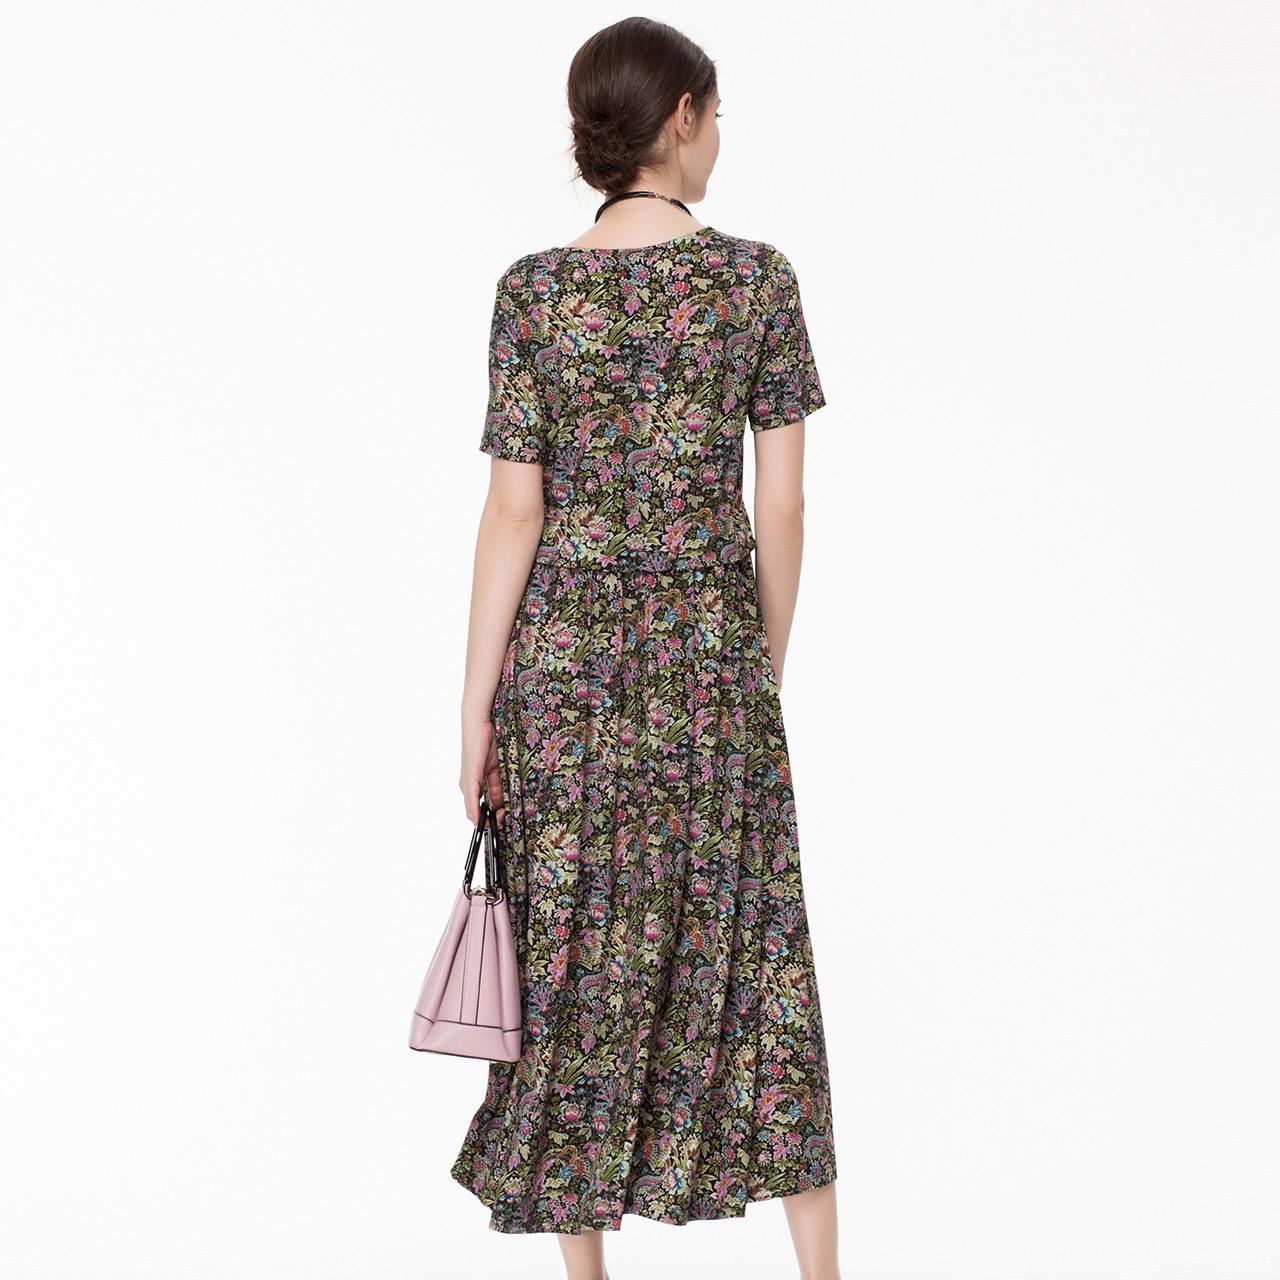 MORELINE沐兰女装夏新款气质修身显瘦短袖印花中长款高端连衣裙